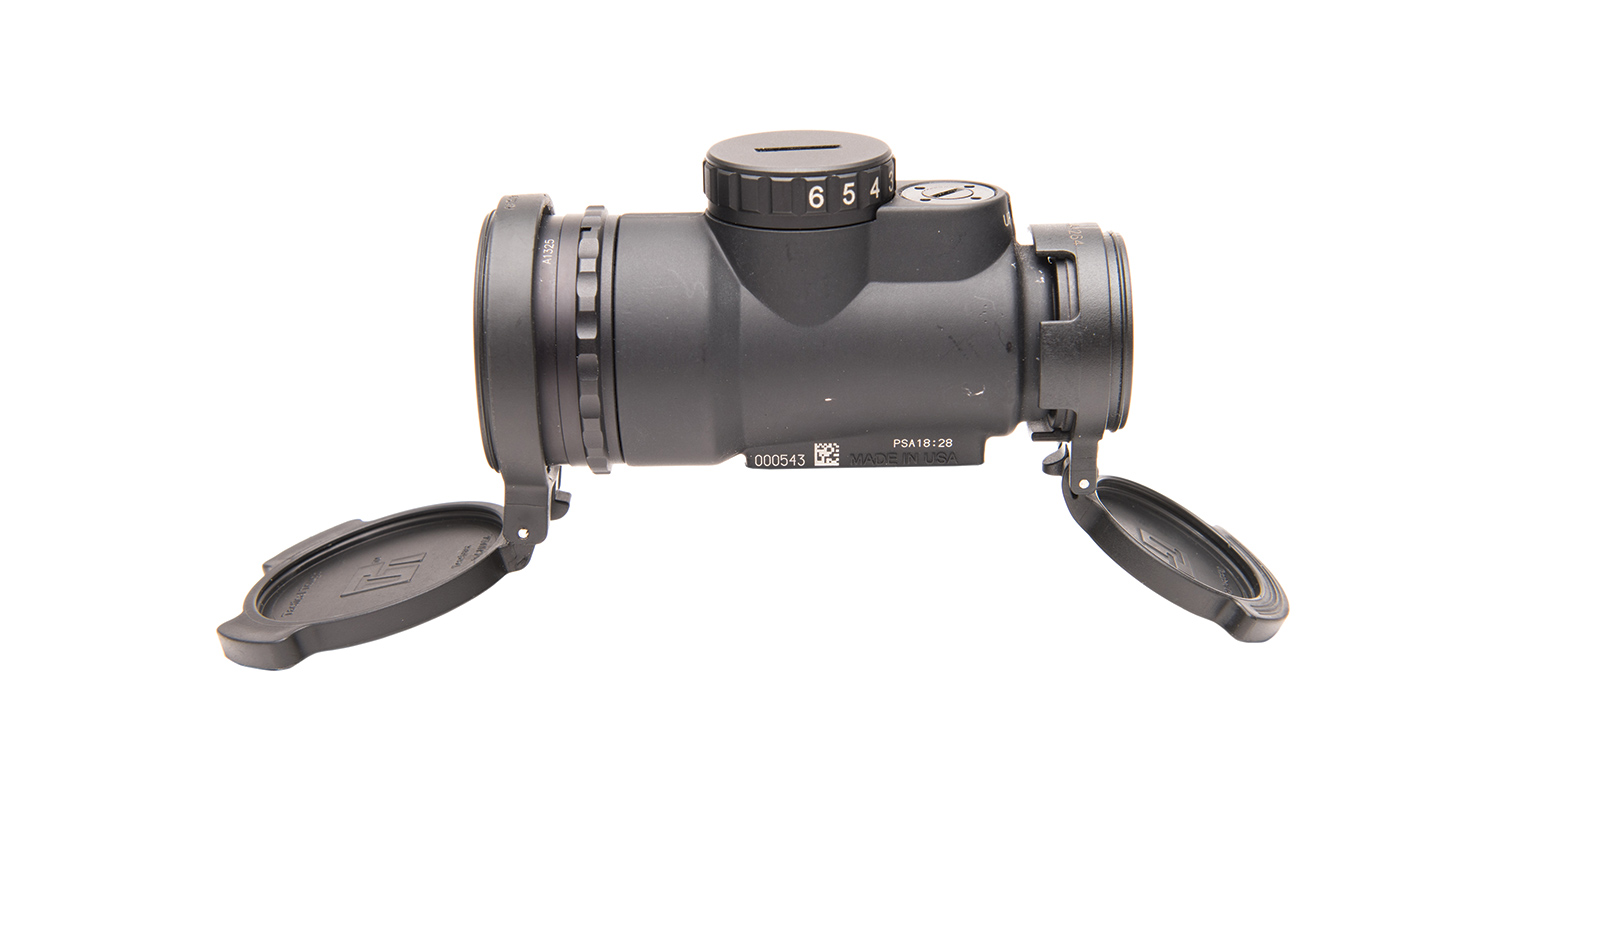 MRO-C-2200017 angle 2